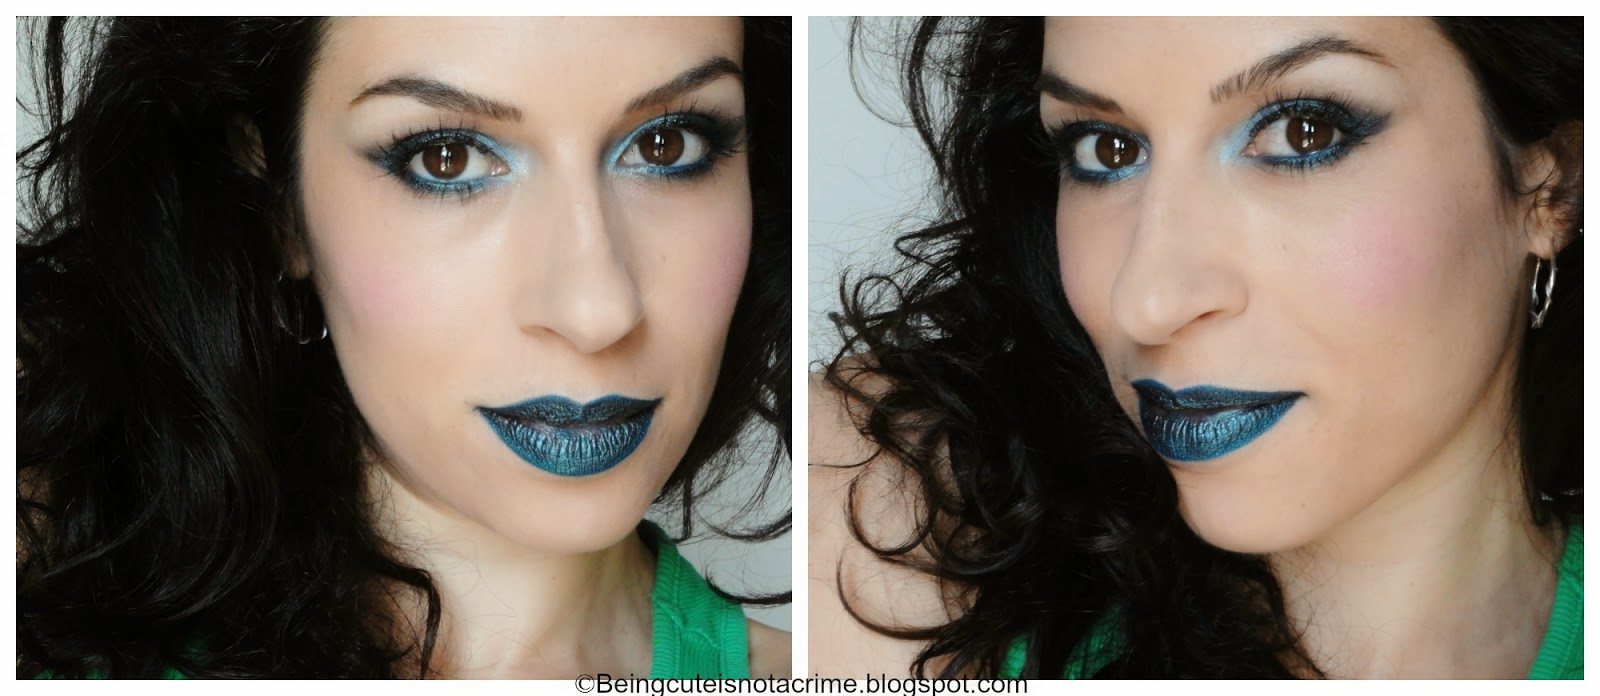 http://beingcuteisnotacrime.blogspot.nl/2014/06/make-up-serie-matchy-matchy-3-bluegreen.html